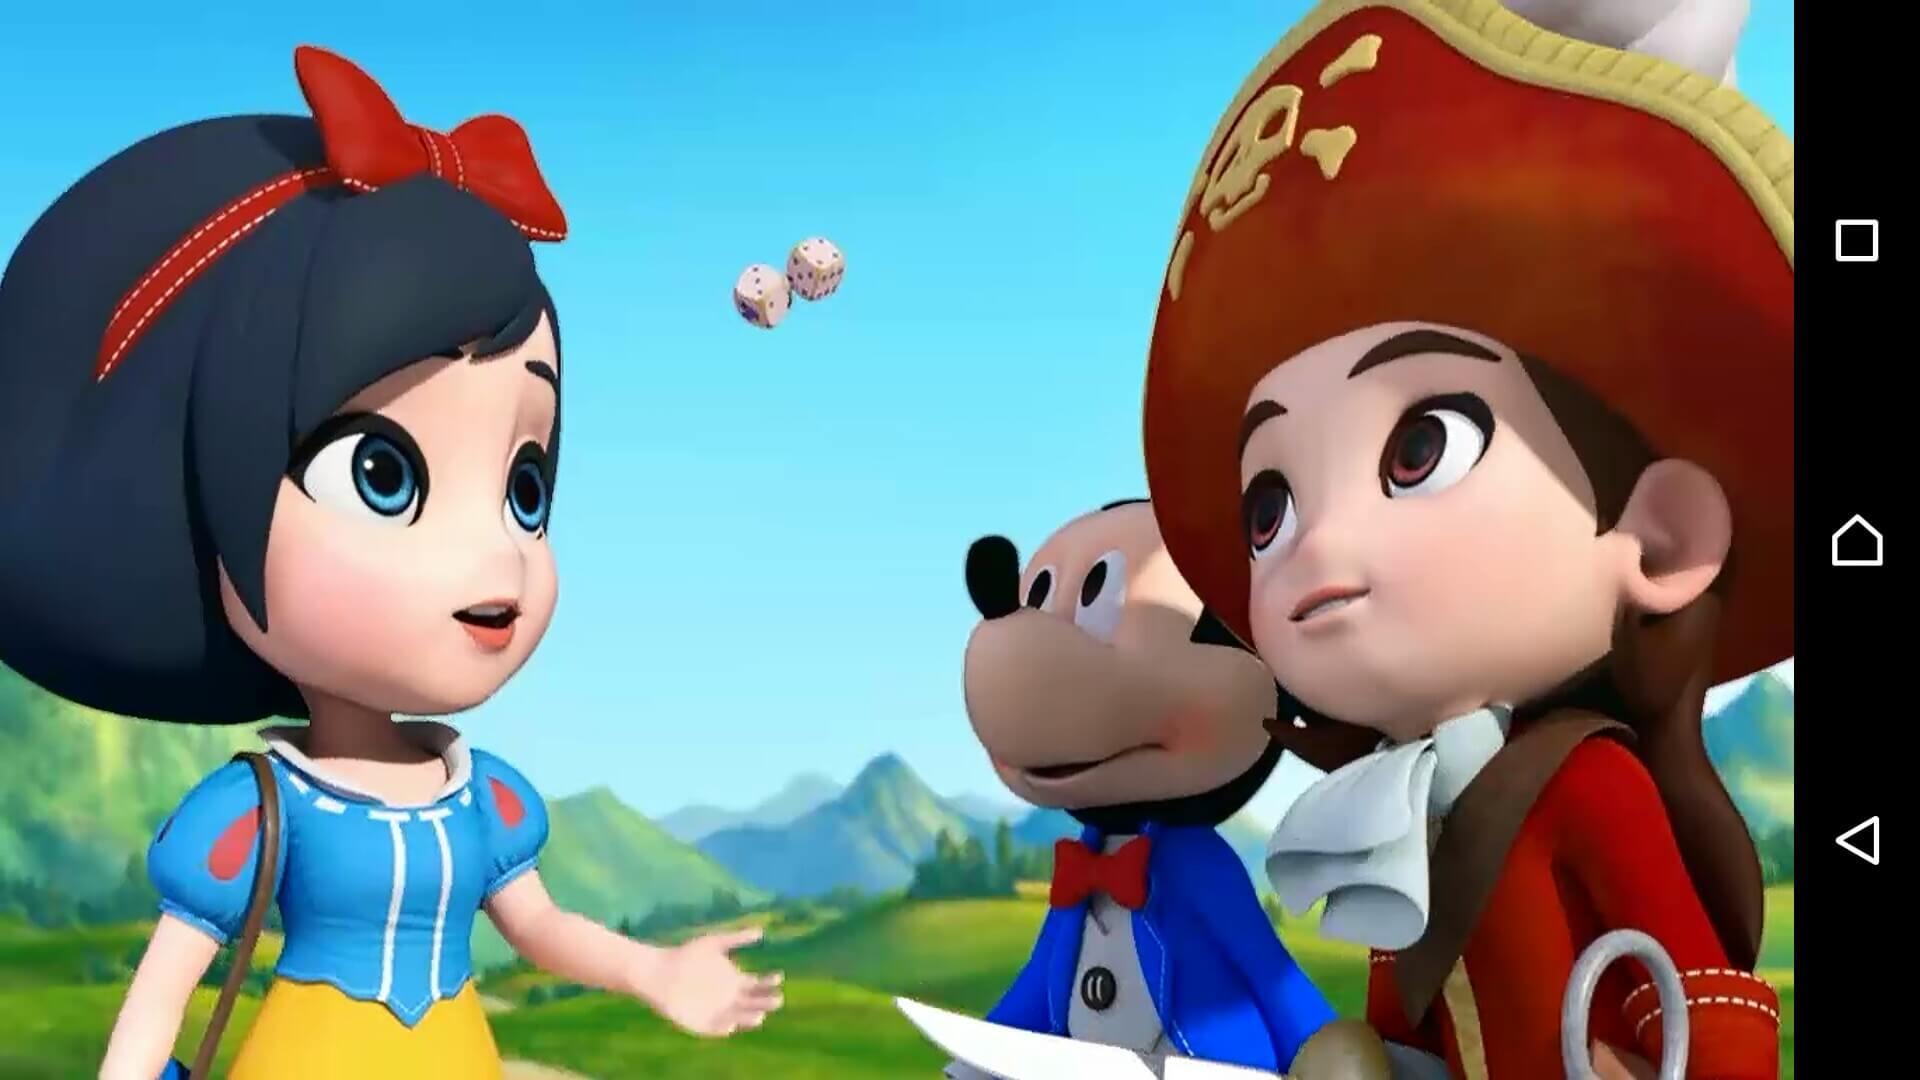 ディズニーマジカルダイス3 人気キャラクターのコスプレをする主人公たち